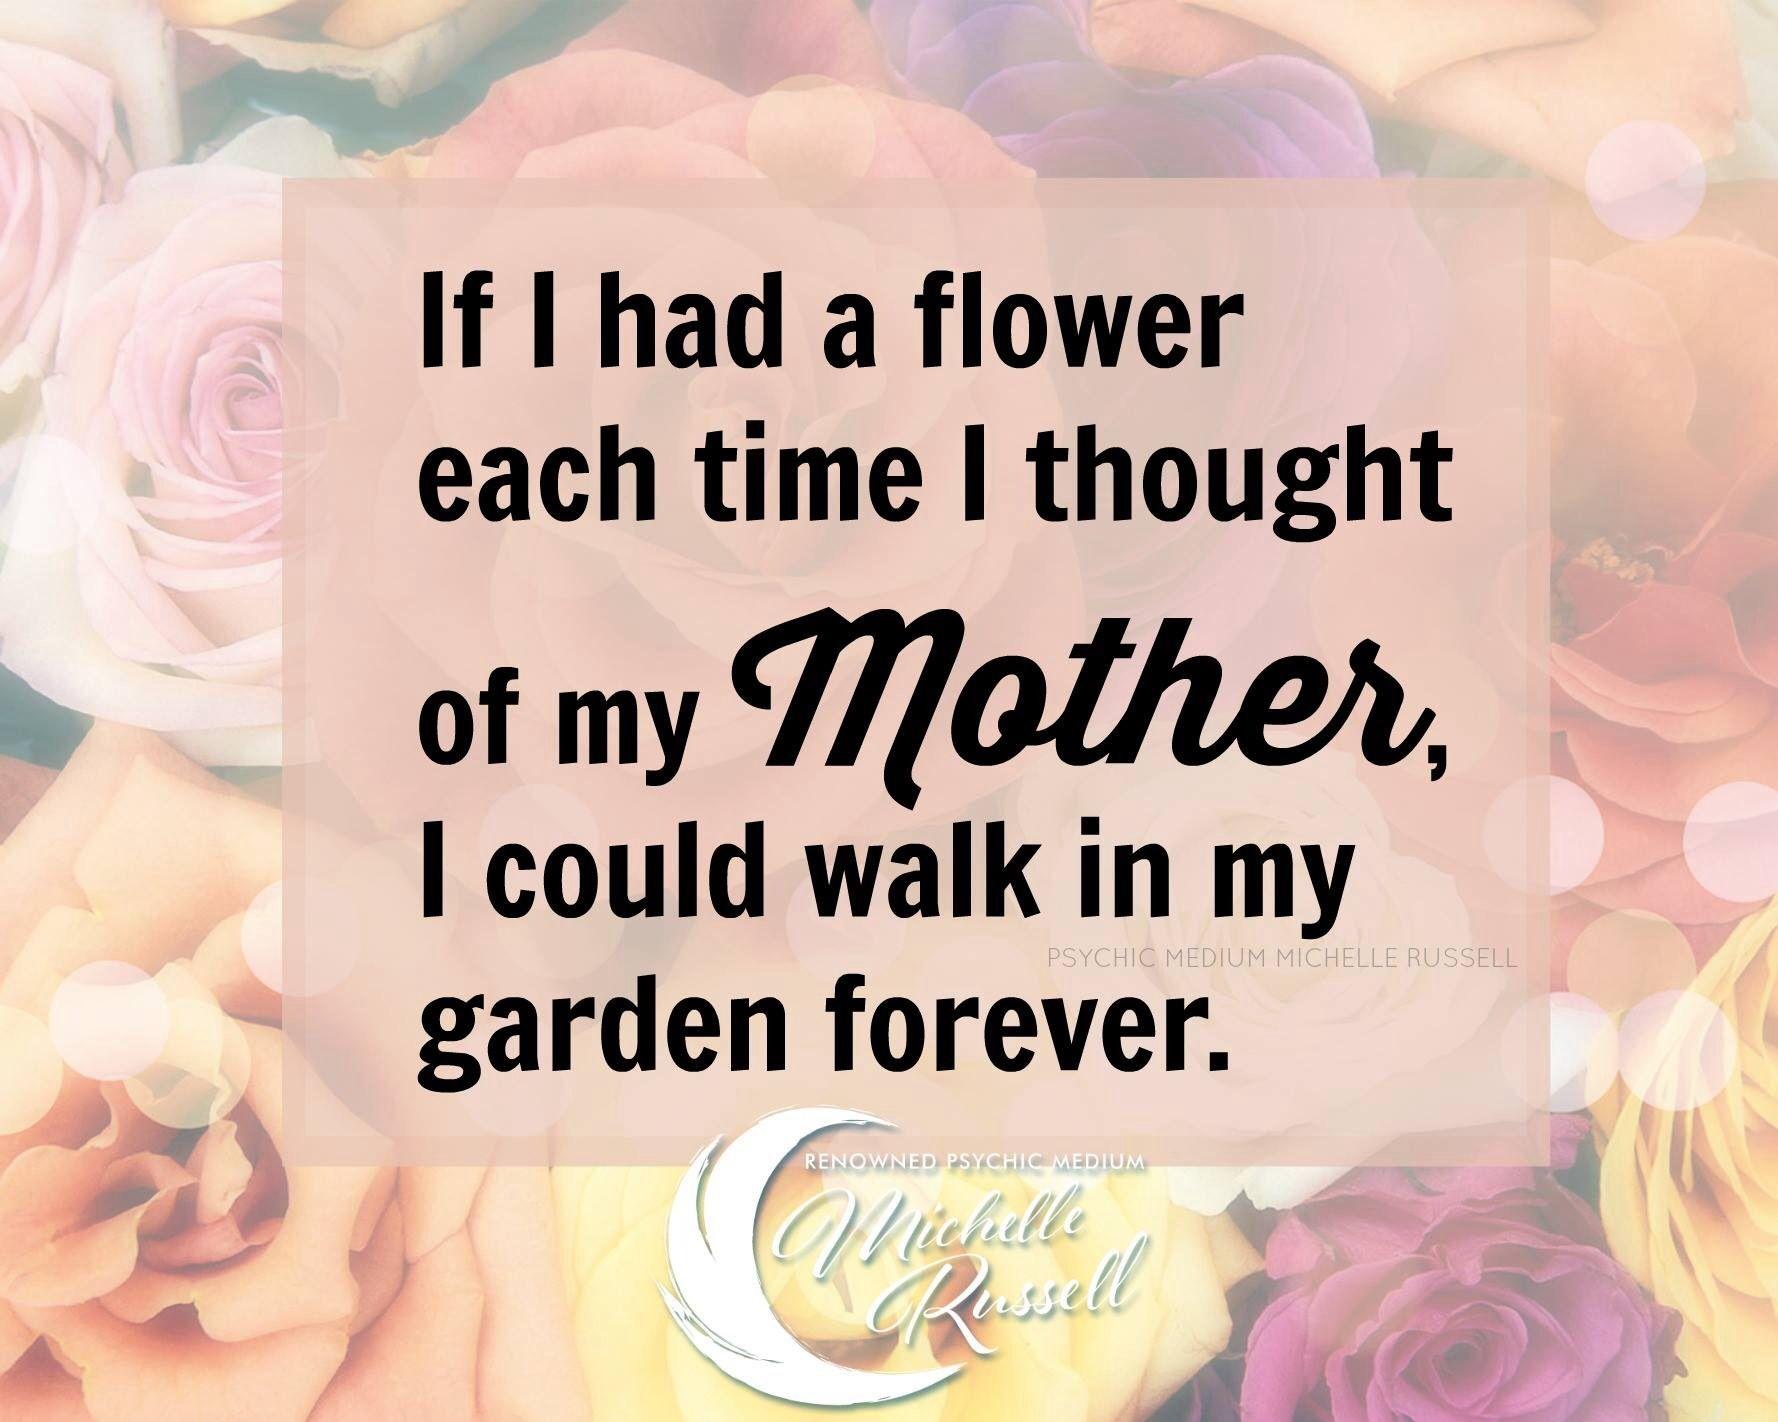 My Mom always loved flowers.